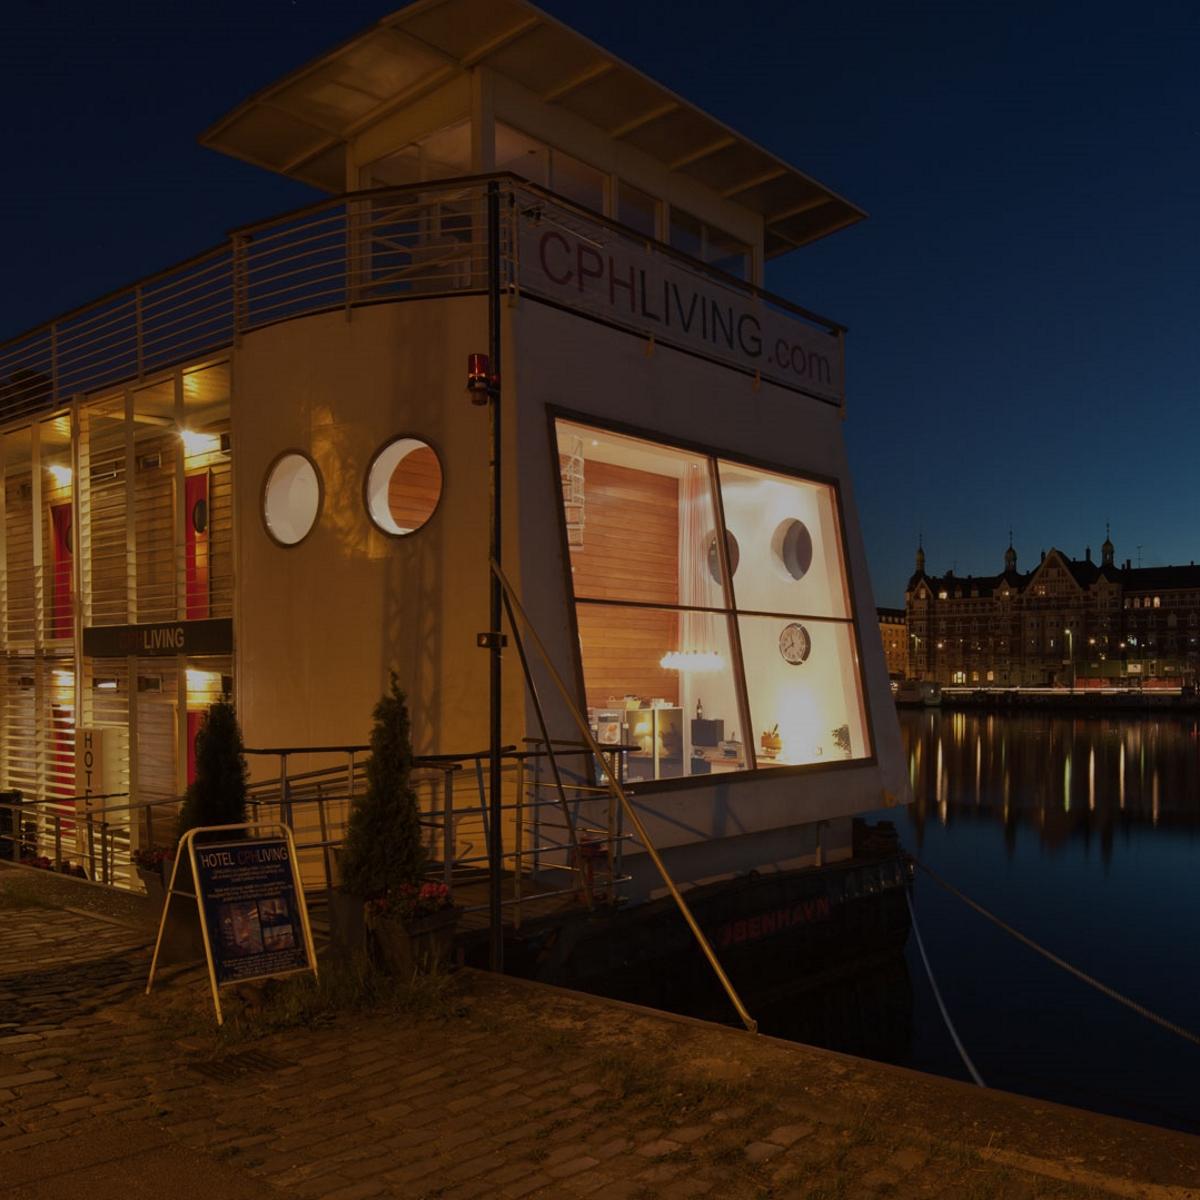 CPH Living_Hotel auf dem Wasser_Hotelboot in Kopenhagen